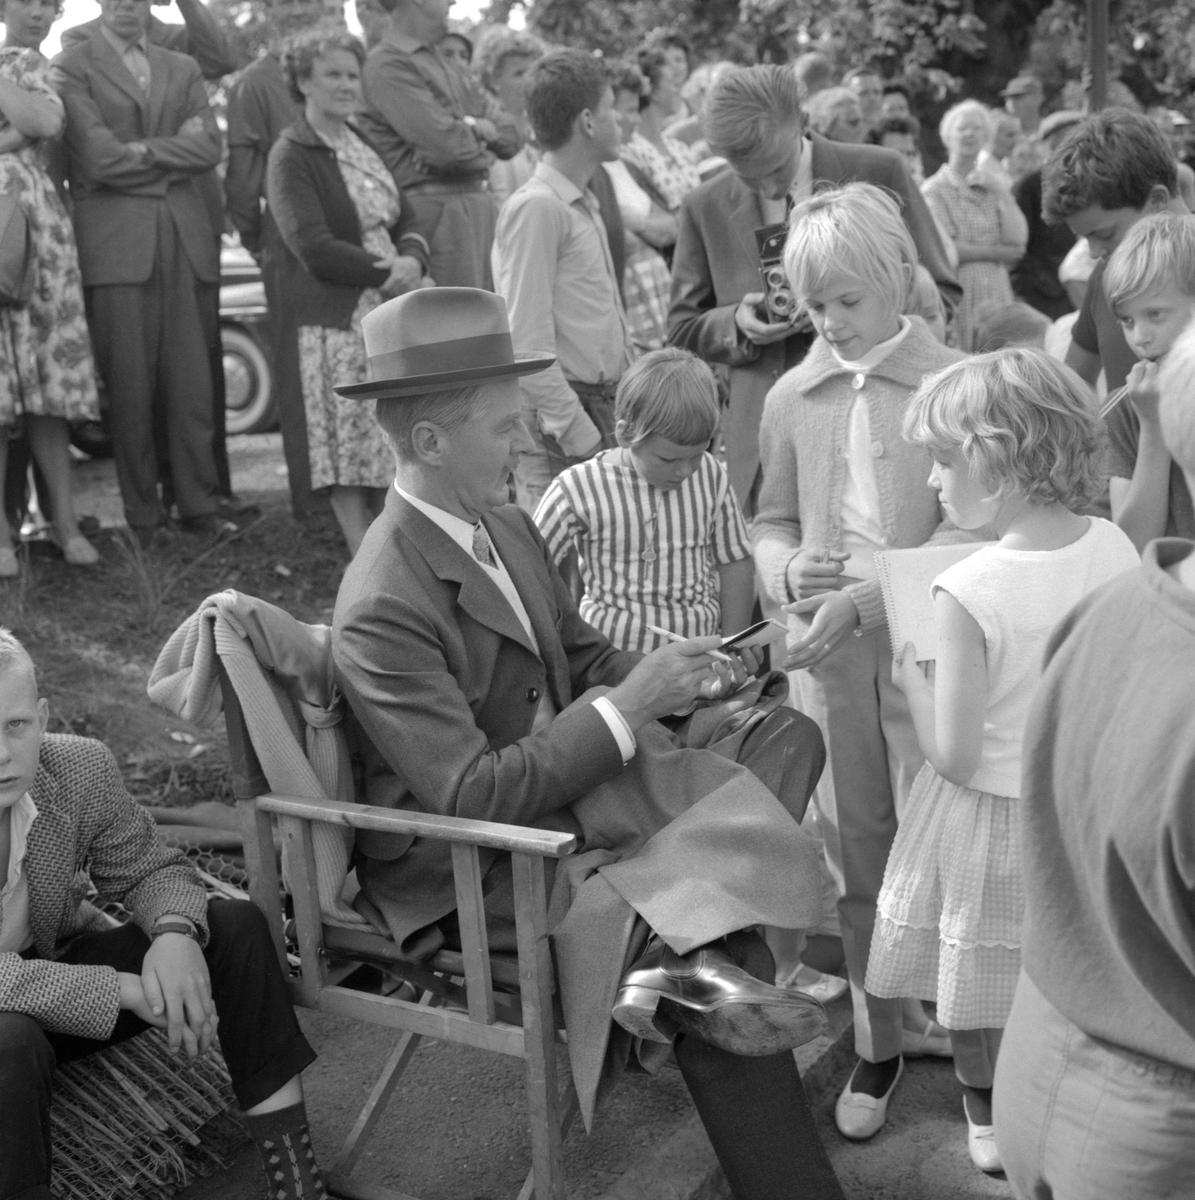 Paus i inspelningen av den romantiska komedin Lustgården i Vadstena 1961. På bilden kopplar Gunnar Björnstrand av från sin roll som adjunkt David Samuel Franzén för en stunds vila och autografskrivning.